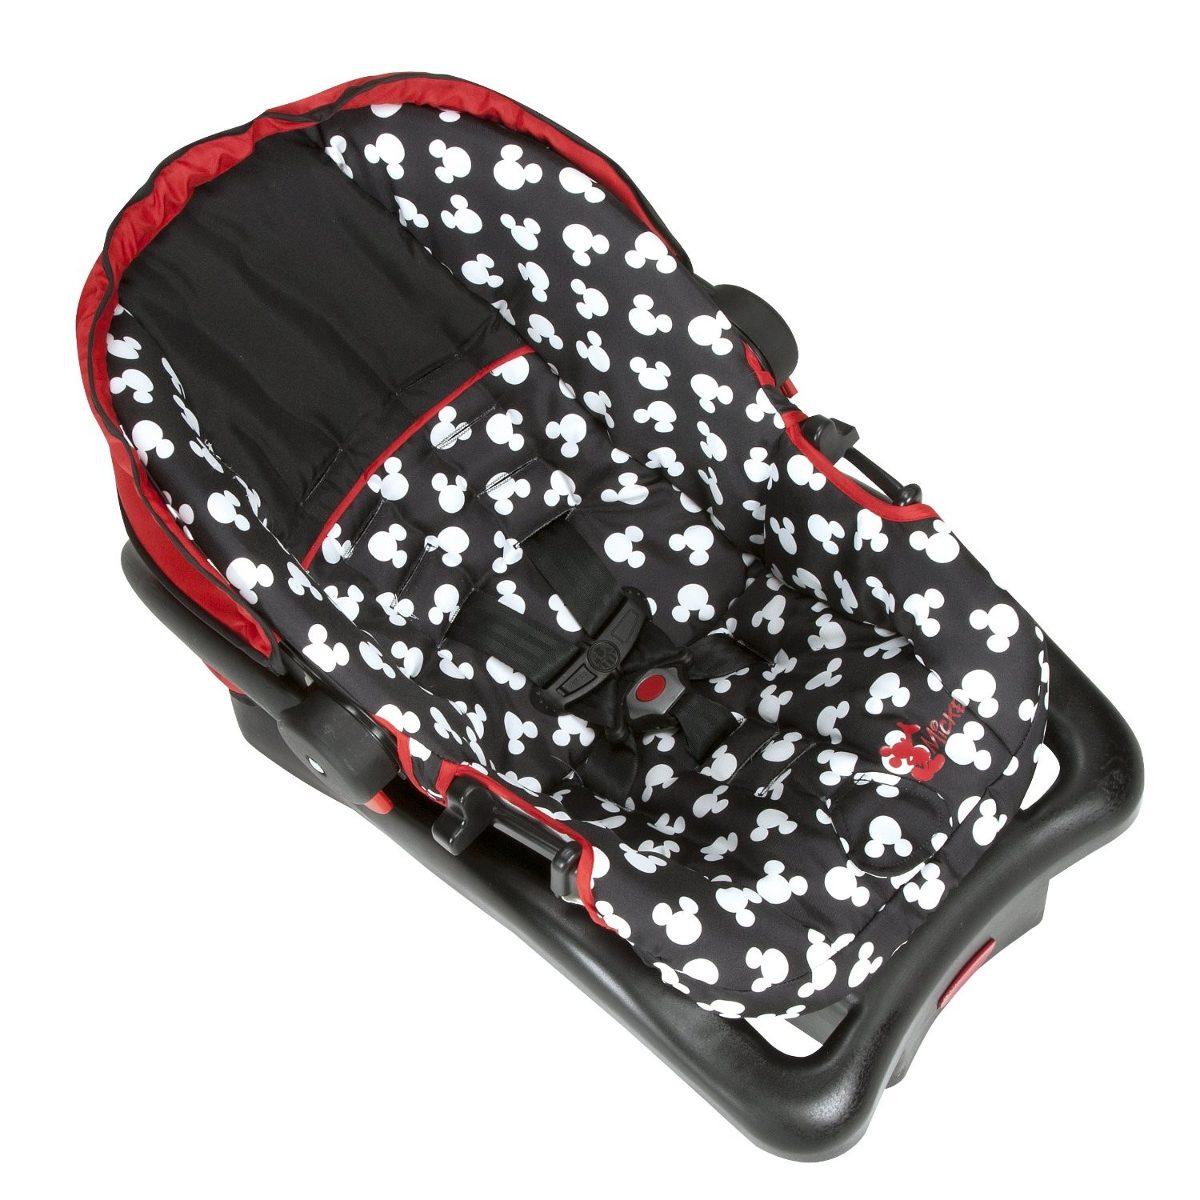 Portabebe Mickey Mouse Base Para Auto Bebe Sillita Carro